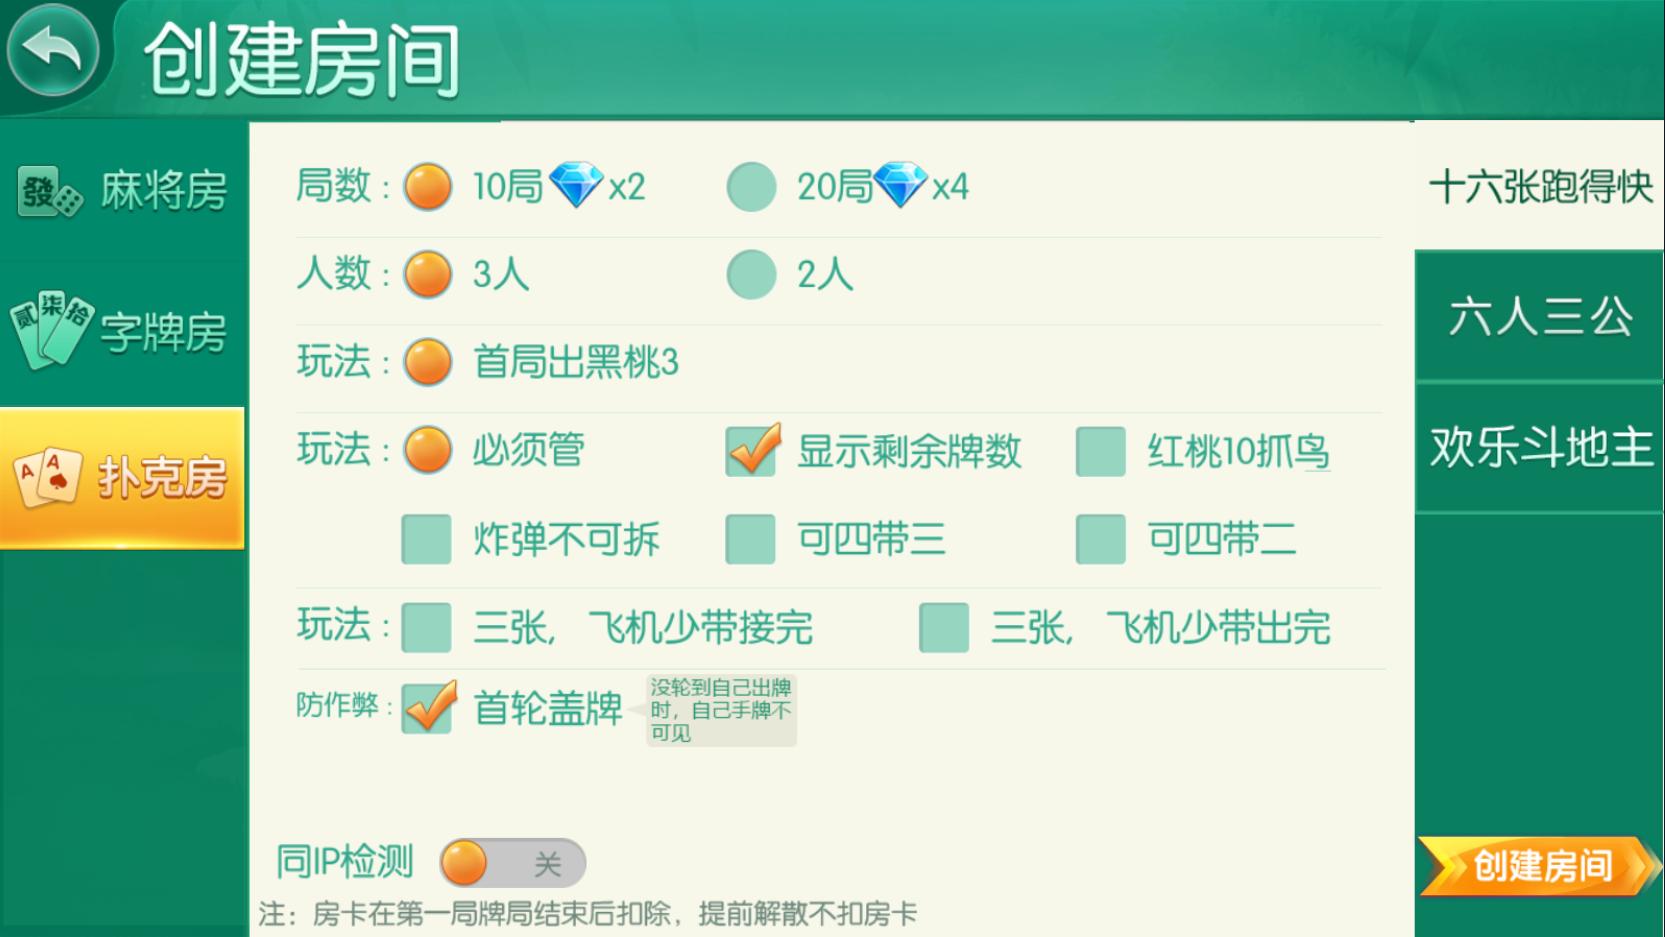 网狐二开跑胡子合集 麻将游戏 字牌游戏 扑克游戏 完整整理-第4张